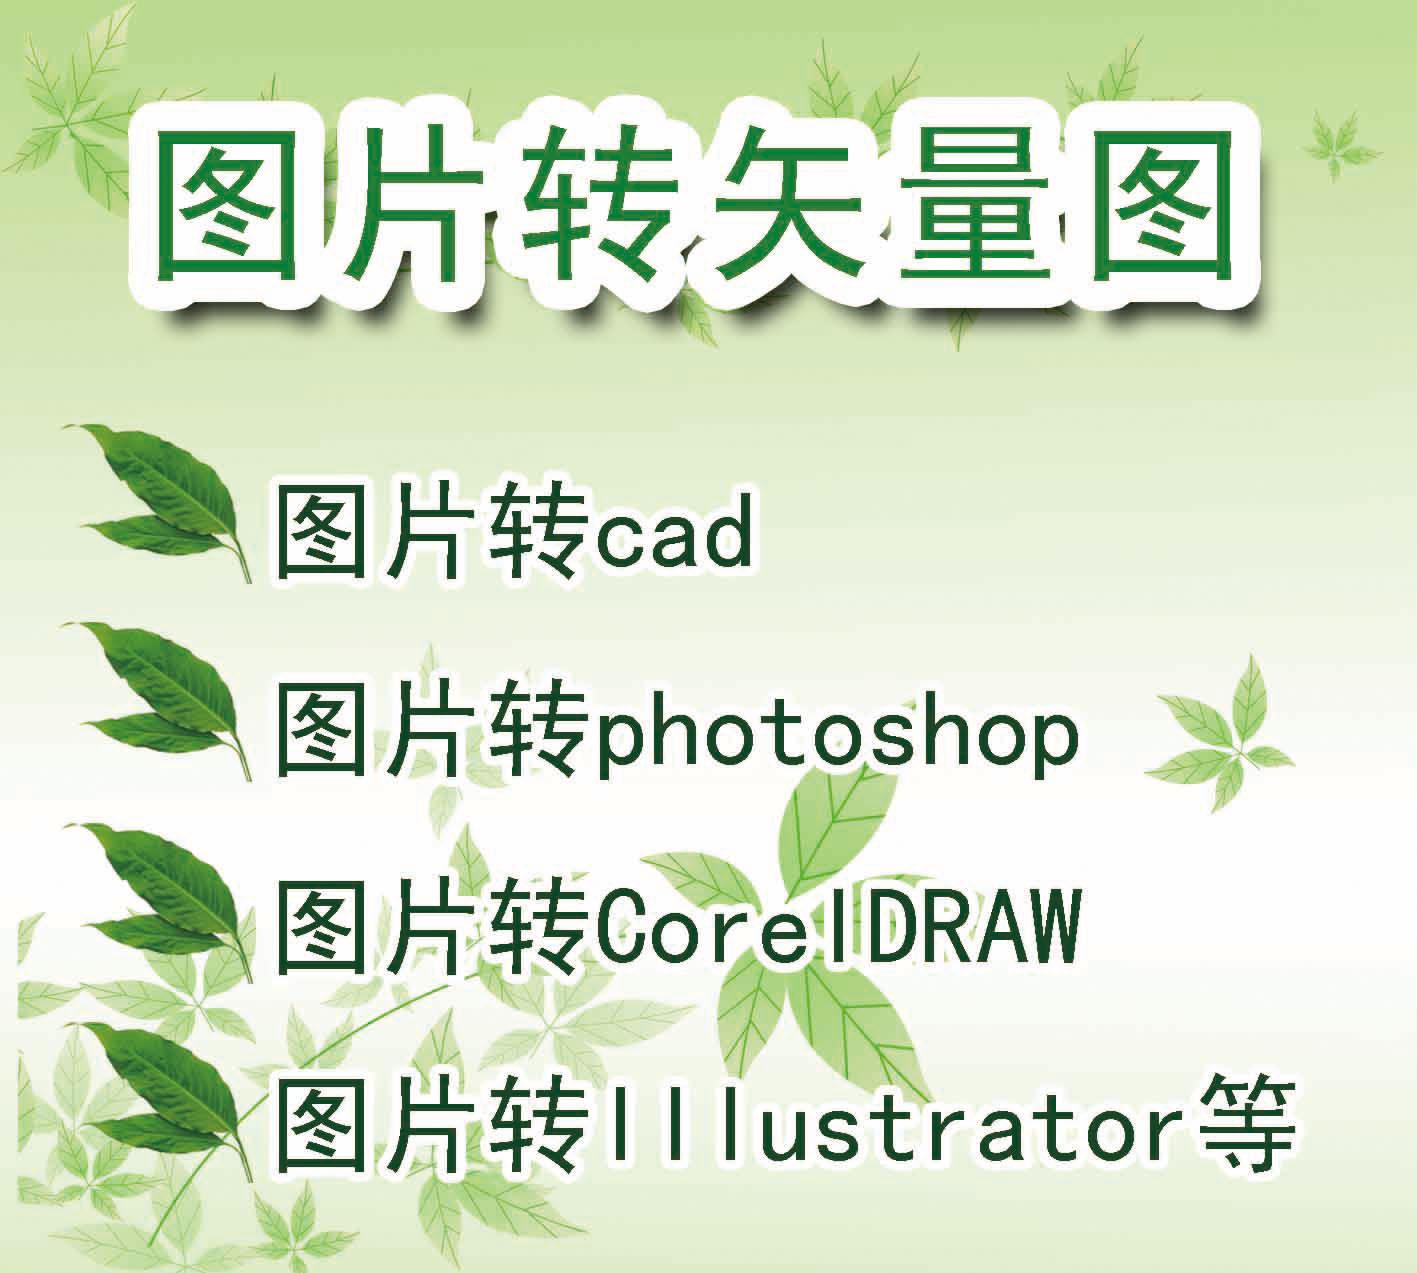 cad绘图配件_cad绘图机_cad代画_cad绘图-cad打印透明度图片